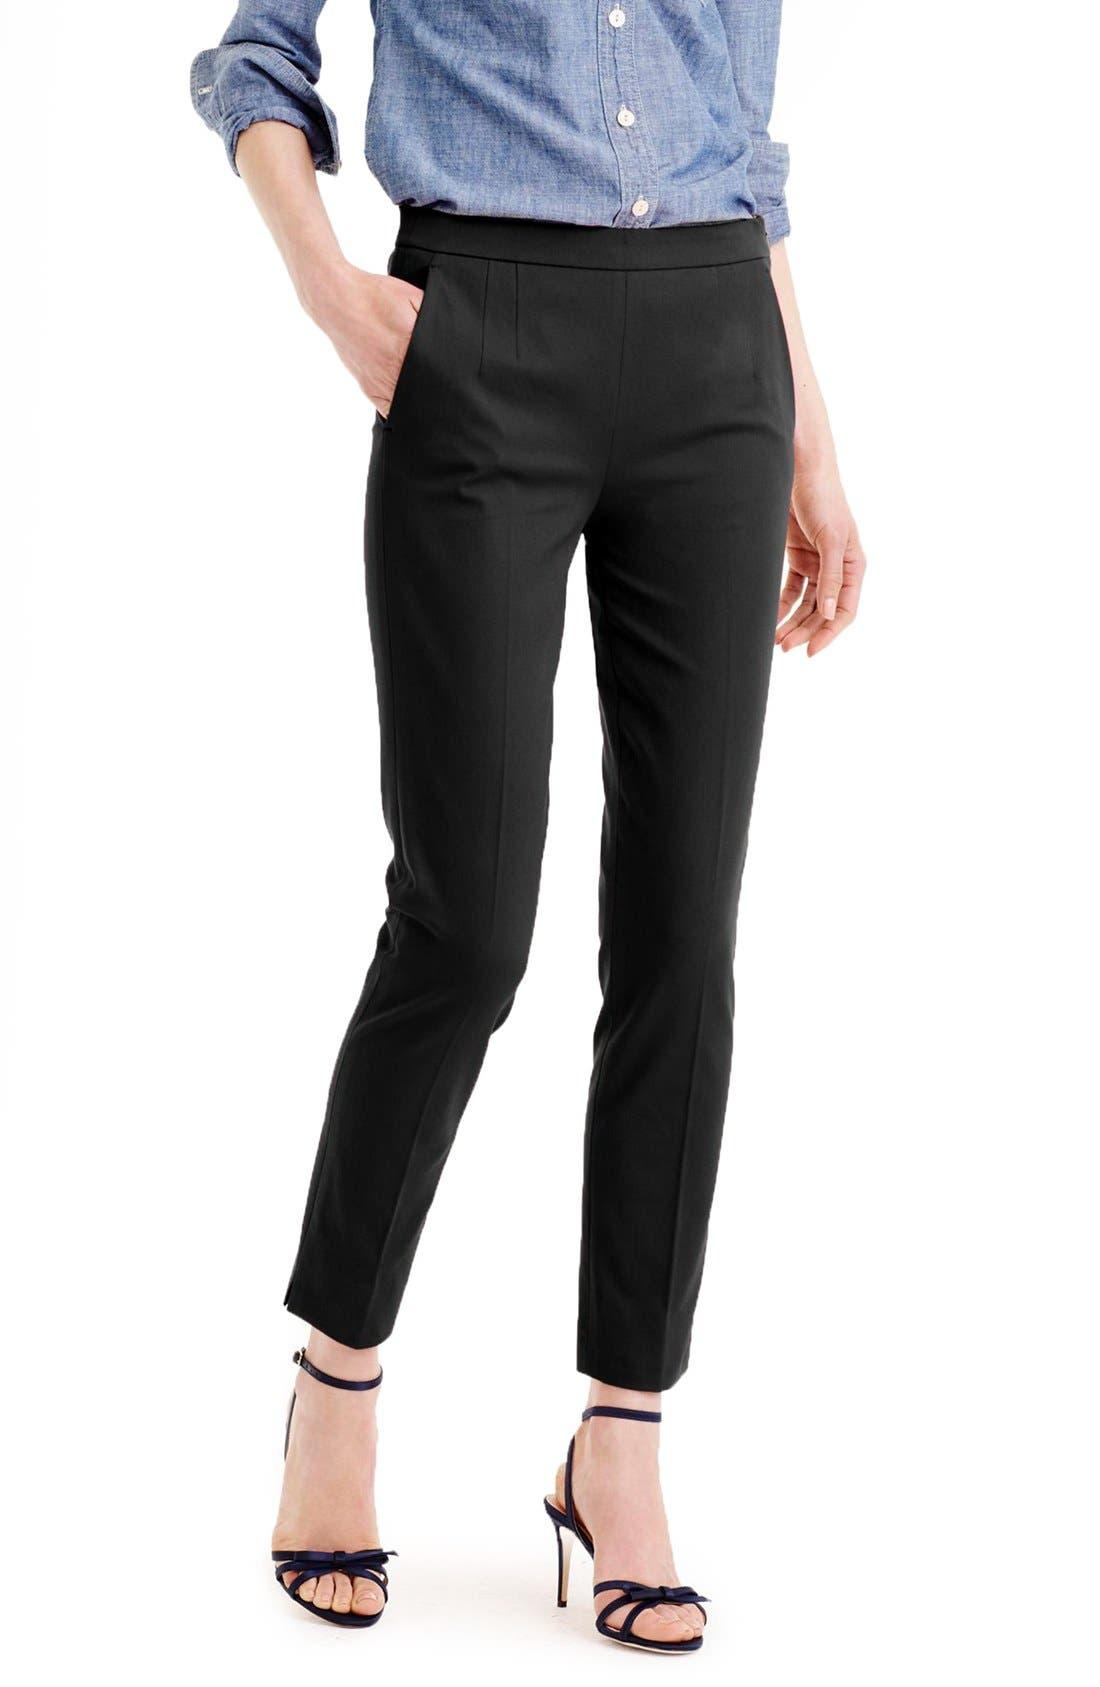 Martie Cotton Blend Pants,                         Main,                         color, 001